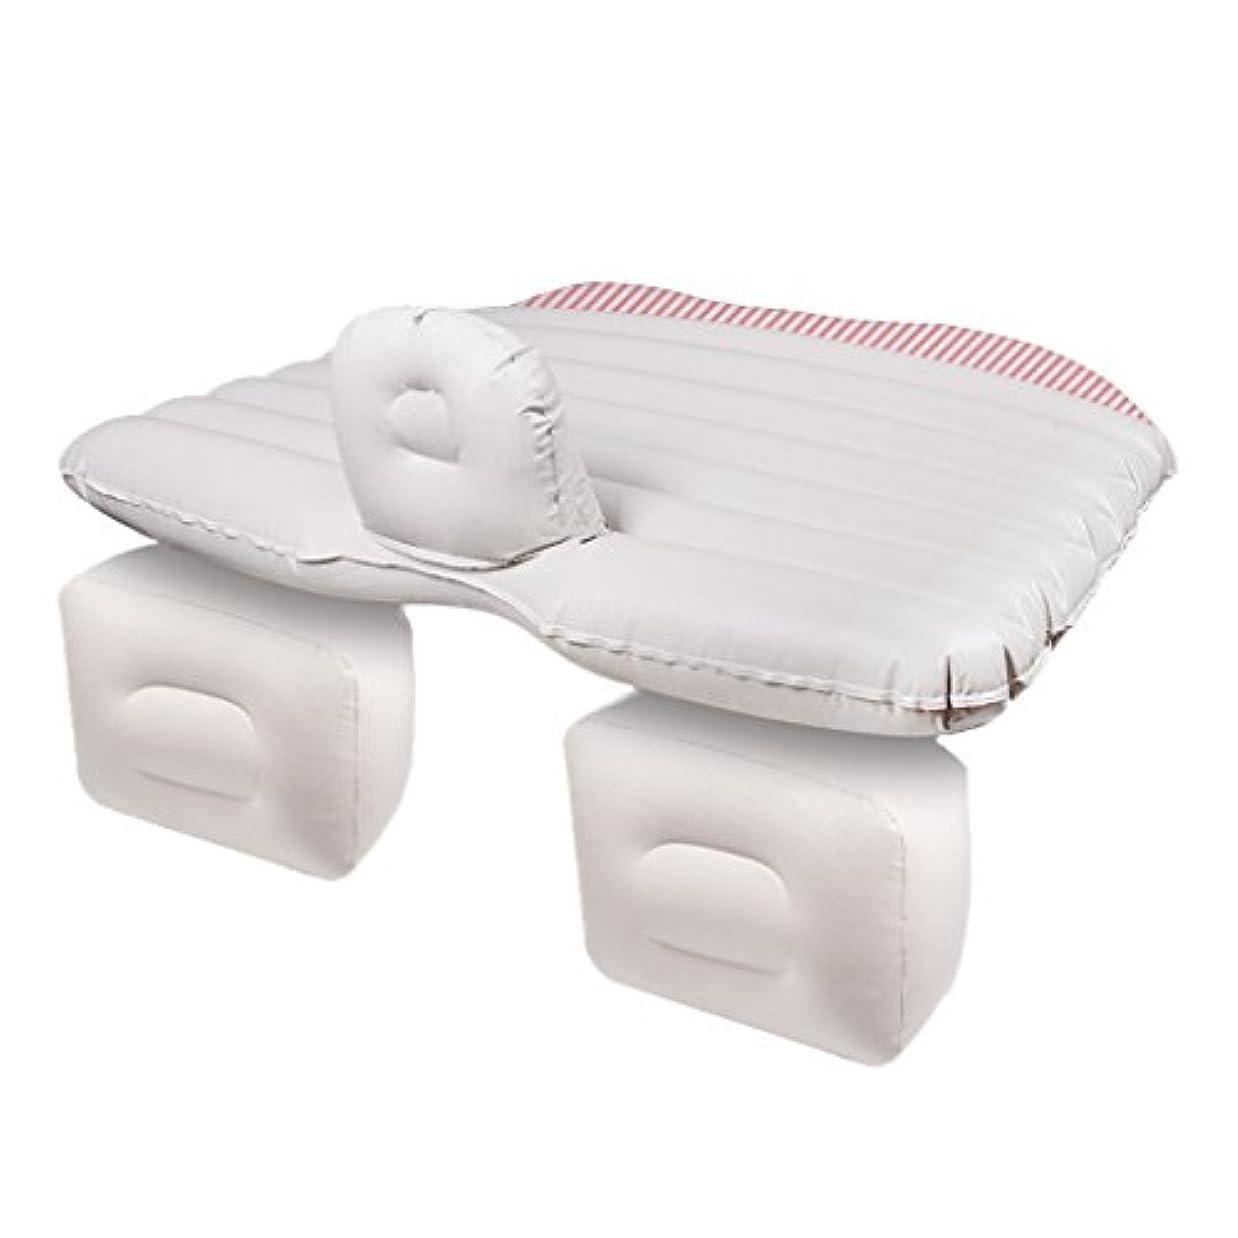 船外プレミアム低下QL エアベッド - 車の空気ベッド多機能旅行キャンプ旅行睡眠の残りの車の空気ベッドのベッドの車のリアショックアブソーバー旅行のクッションの家の睡眠パッド多機能旅行キャンプの睡眠の残りのSUV折りたたみポータブル エアマットレス (Color : White)